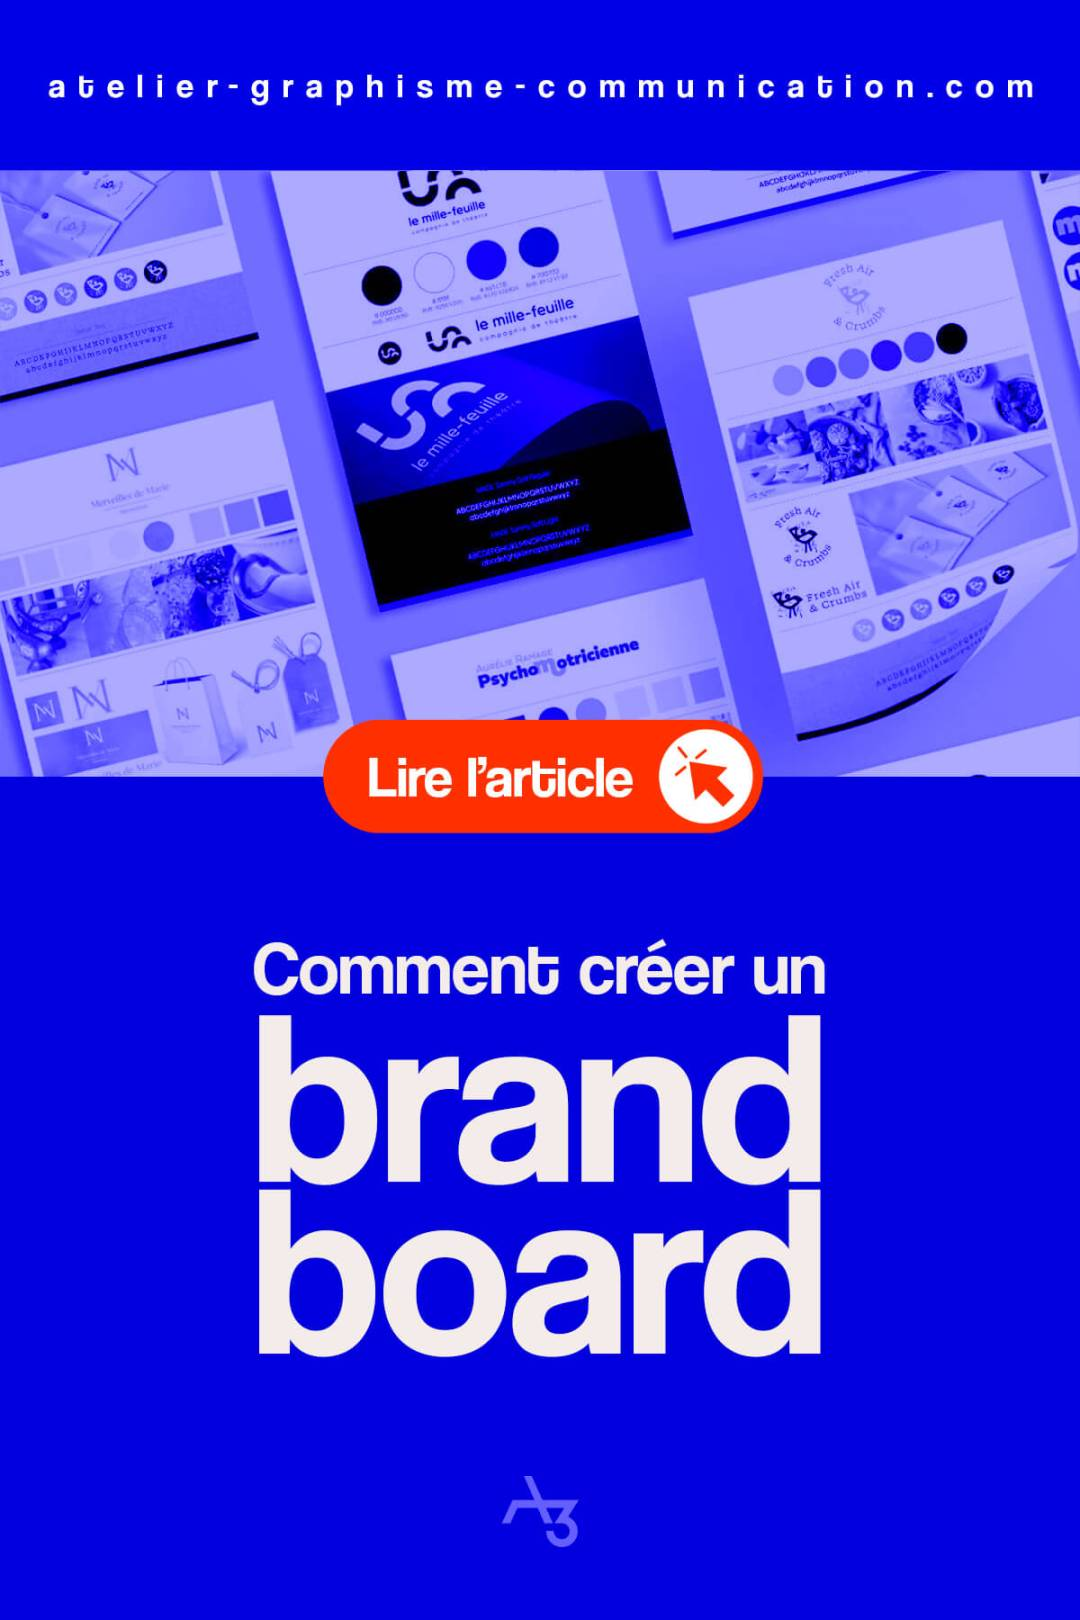 comment créer un brand board